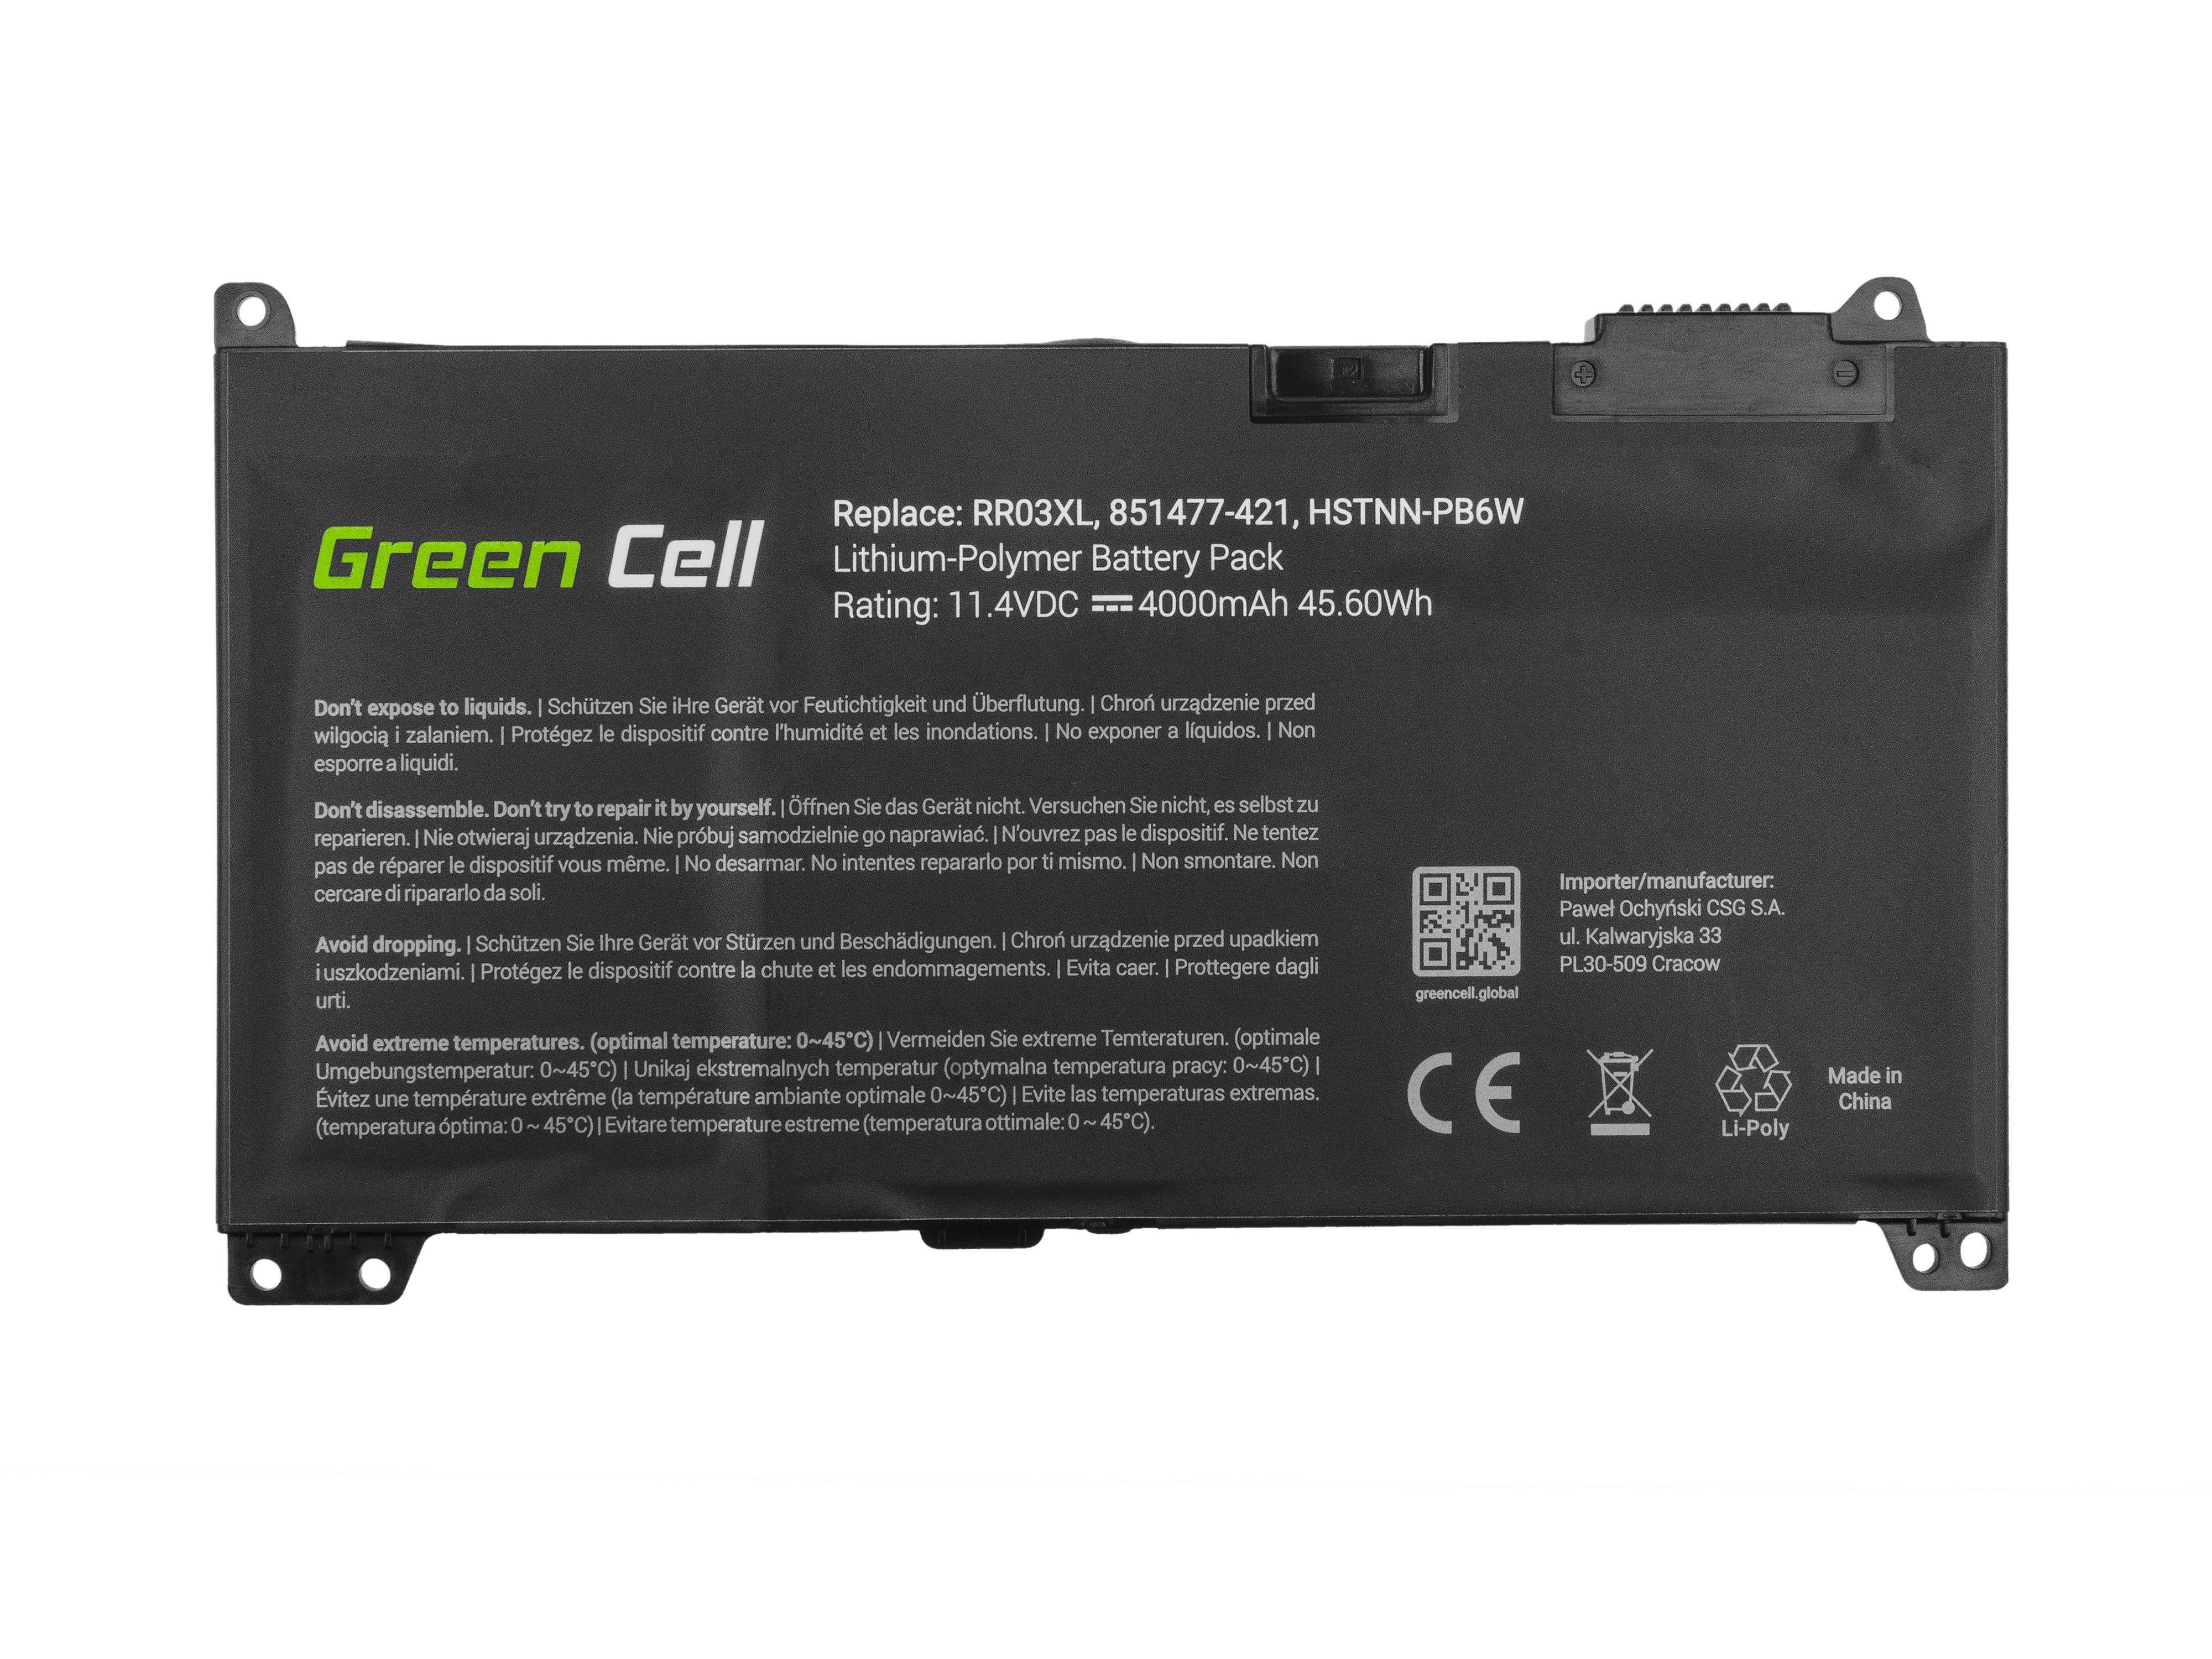 Green Cell HP122 Baterie HP RR03XL HP ProBook 430 G4 G5 440 G4 G5 450 G4 G5 455 G4 G5 470 G4 G5 4000mAh Li-Pol - neoriginální